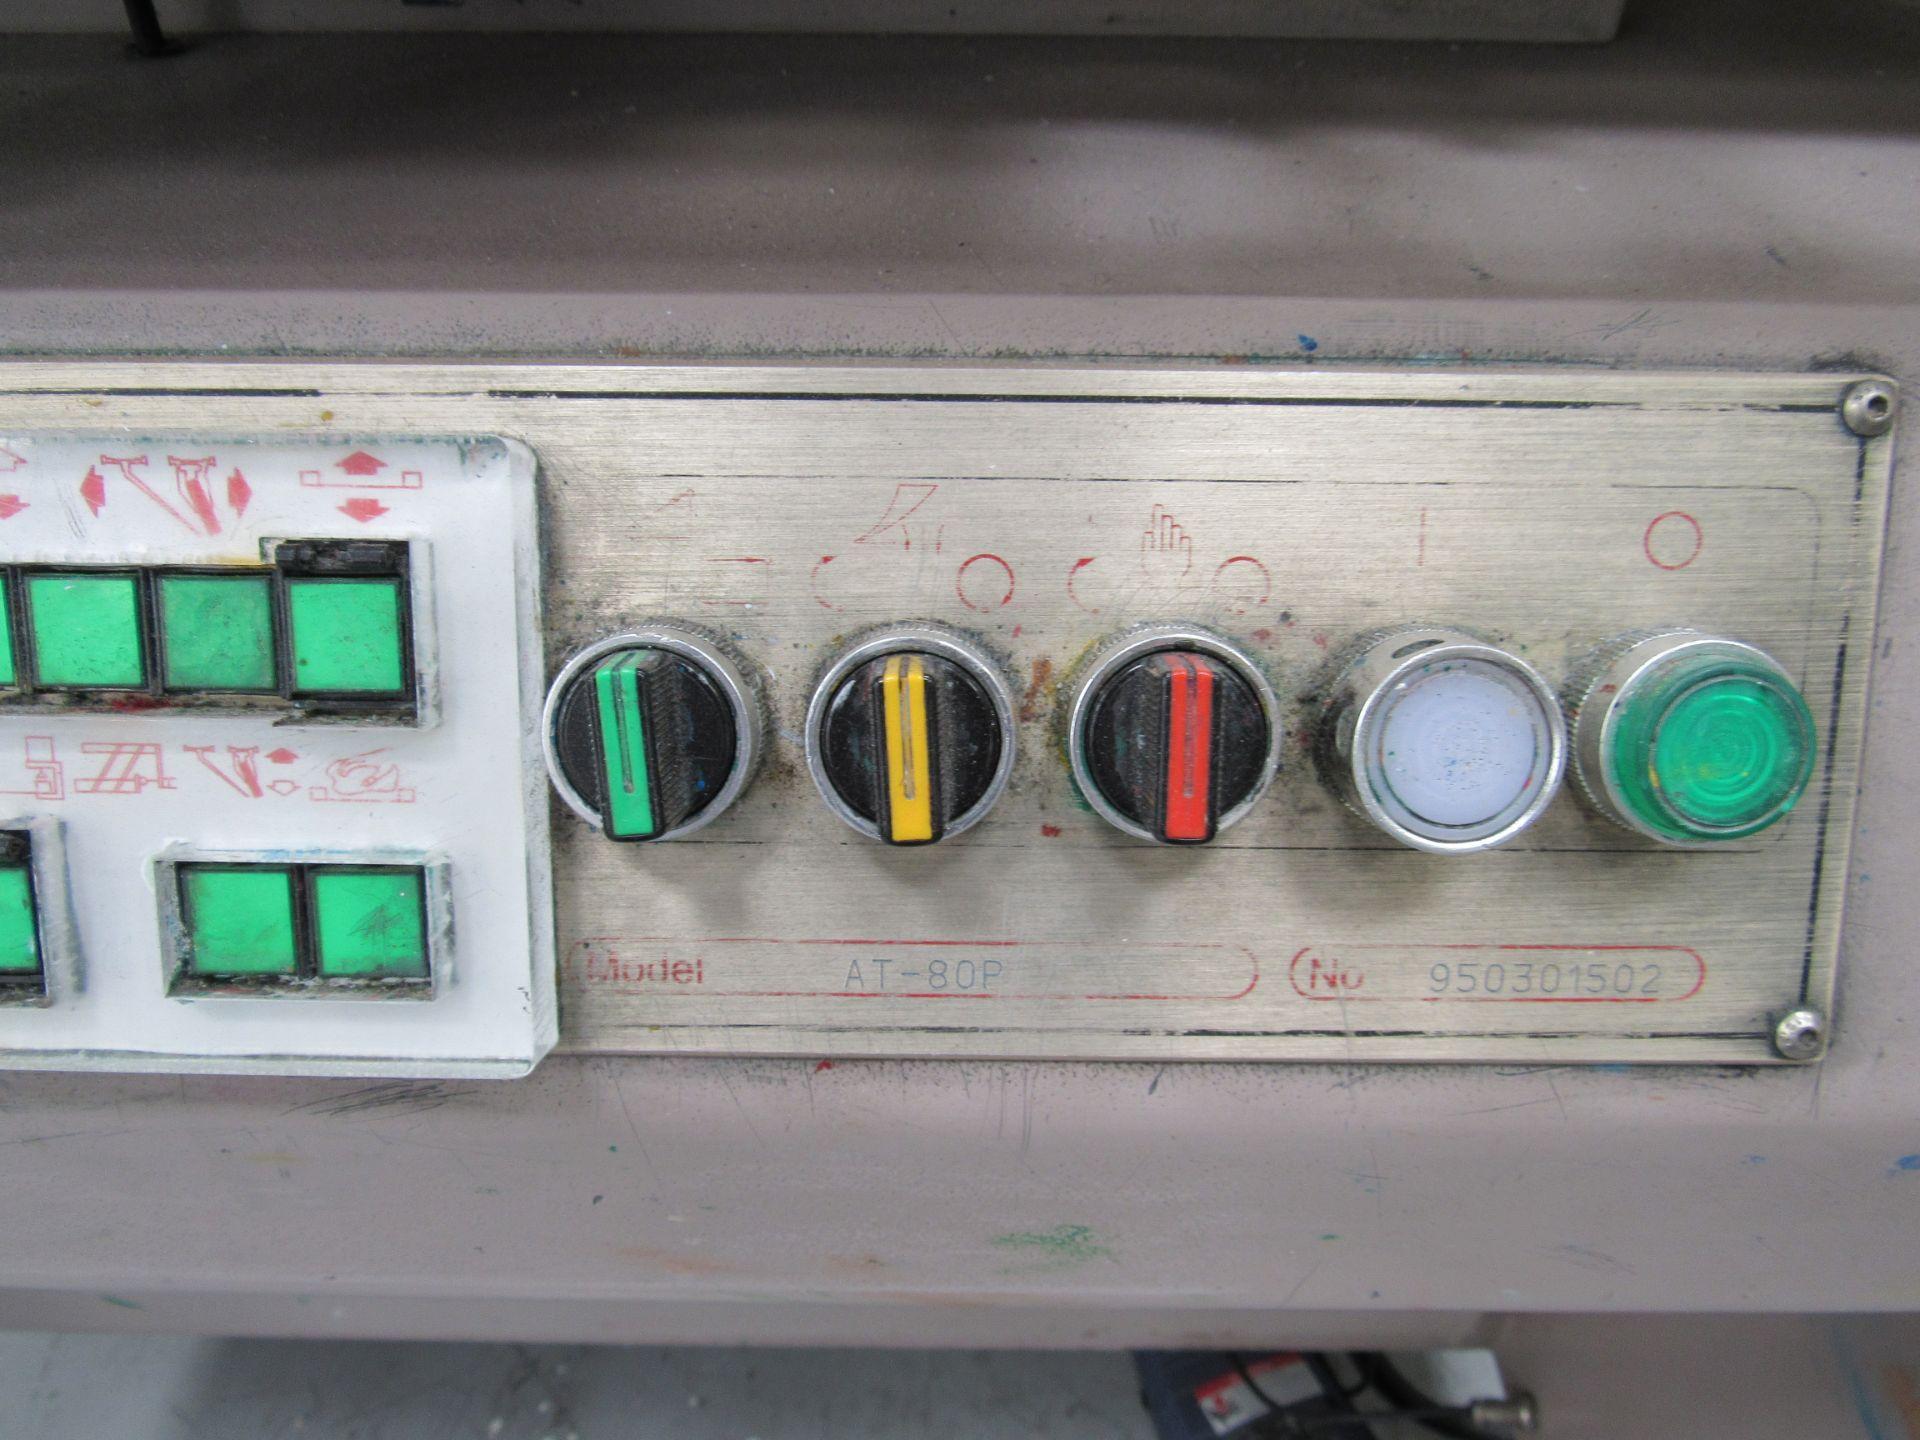 ATMA AT-80P Screen Printer 700x900mm, Serial Number 950301502 - Image 4 of 7